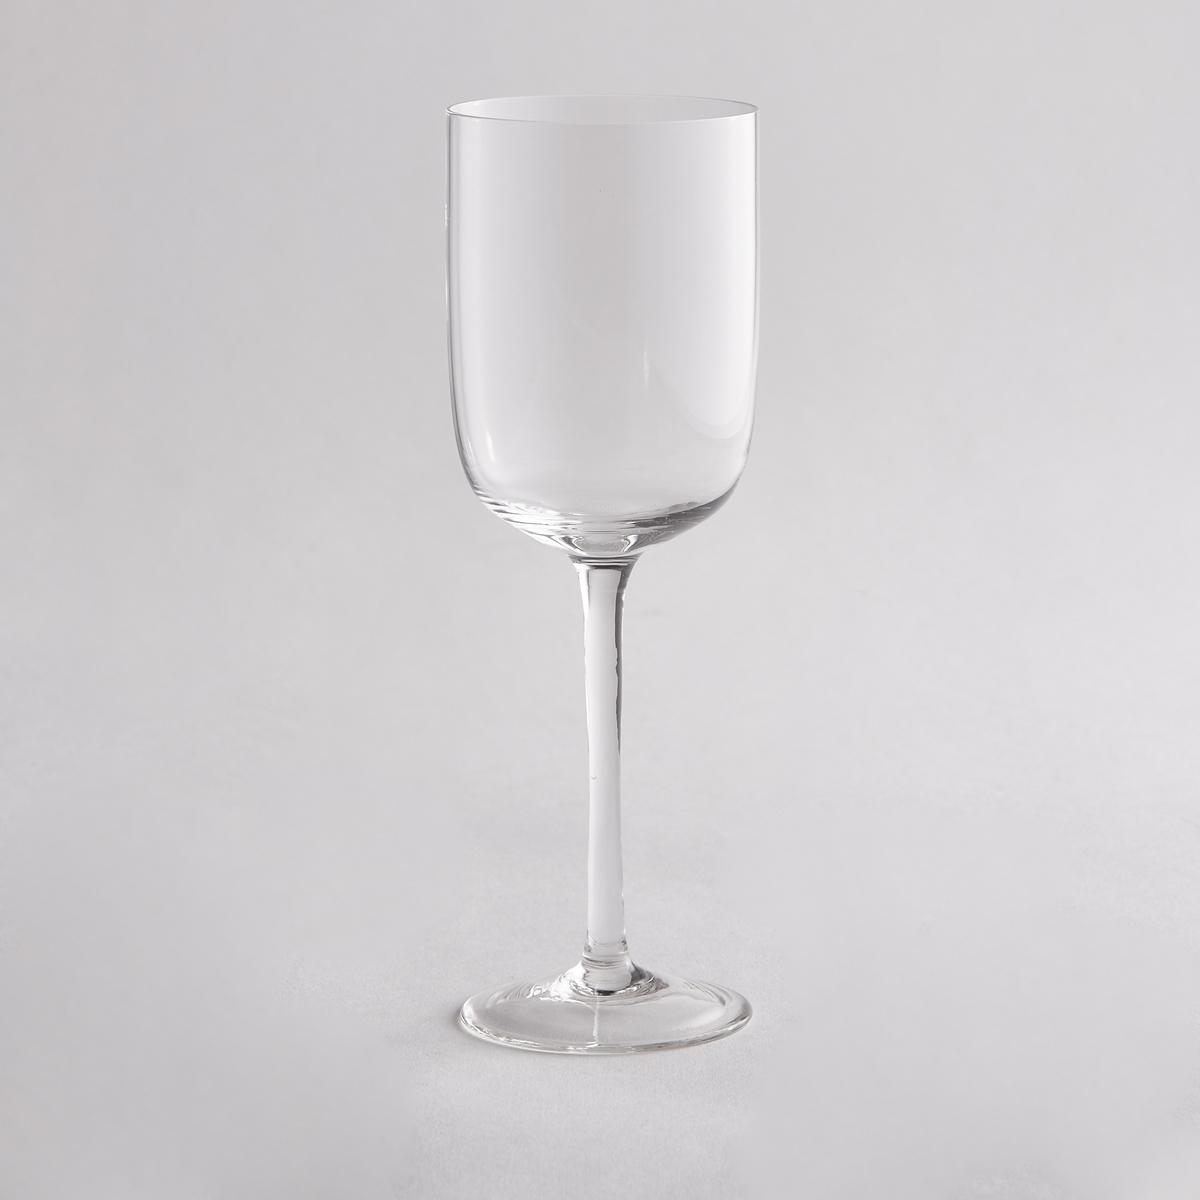 4 бокала под красное вино, PARFITTХарактеристики 4 бокалов под красное вино   Parfitt  :Бокалы под красное вино прямой формы Подходят для использования в посудомоечной машинеПродаются комплектом из 4 штРазмеры 4 бокалов под красное вино  Parfitt  :- Диаметр  : 7,4 / 7 смВысота : 22,2 см<br><br>Цвет: прозрачный